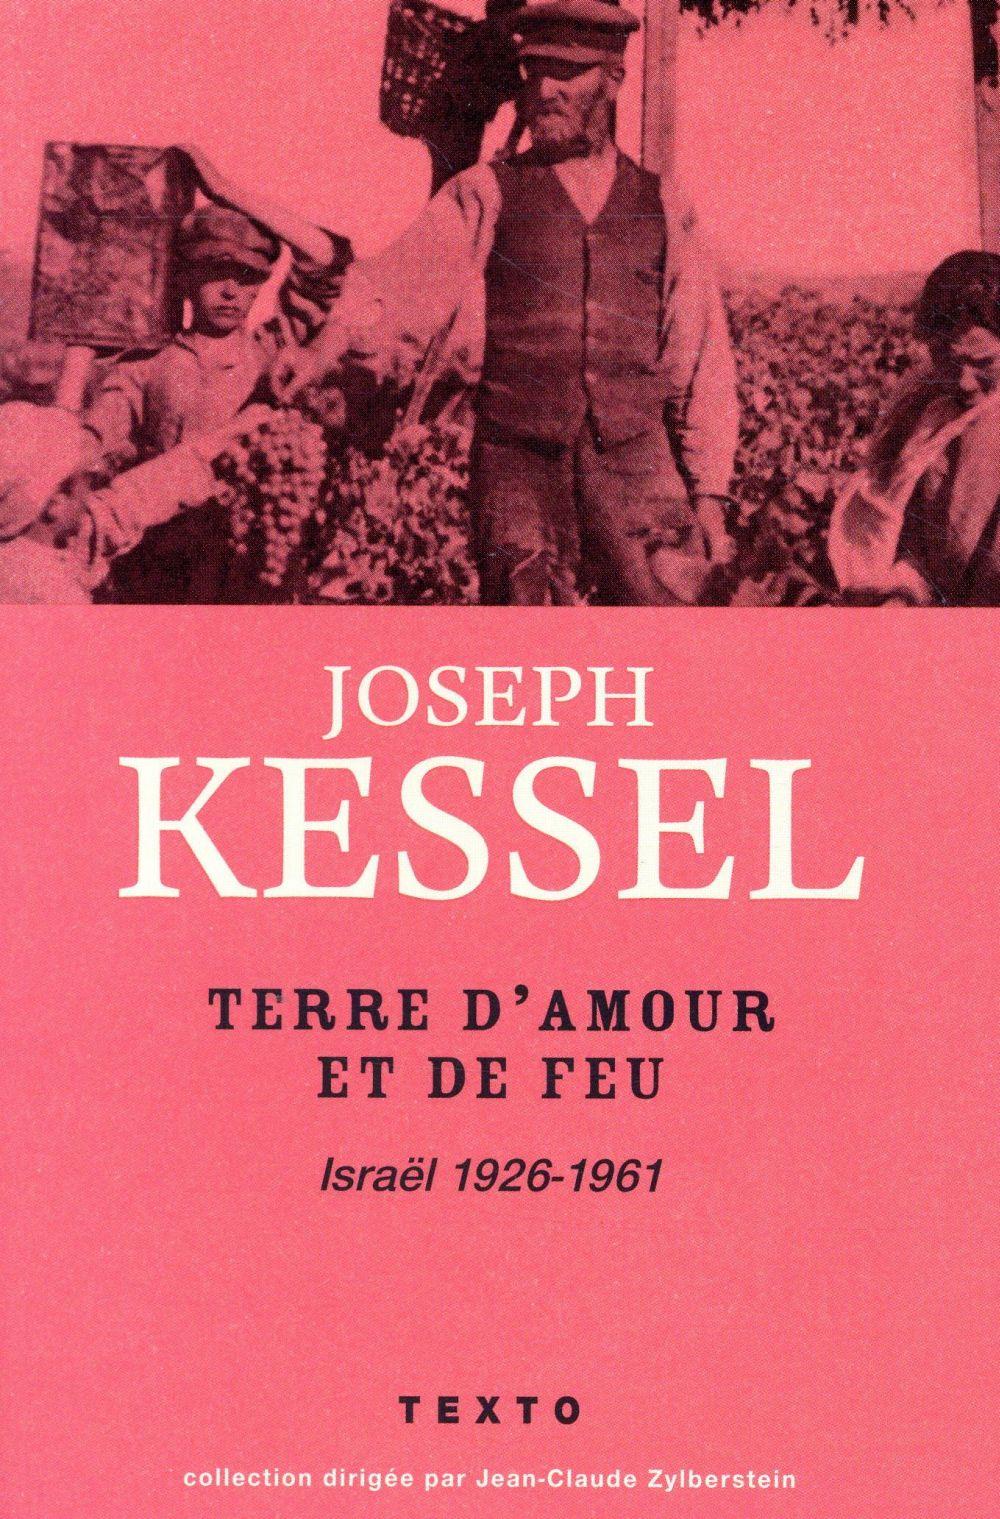 TERRE D'AMOUR ET DE FEU ISRAEL 1926-1961